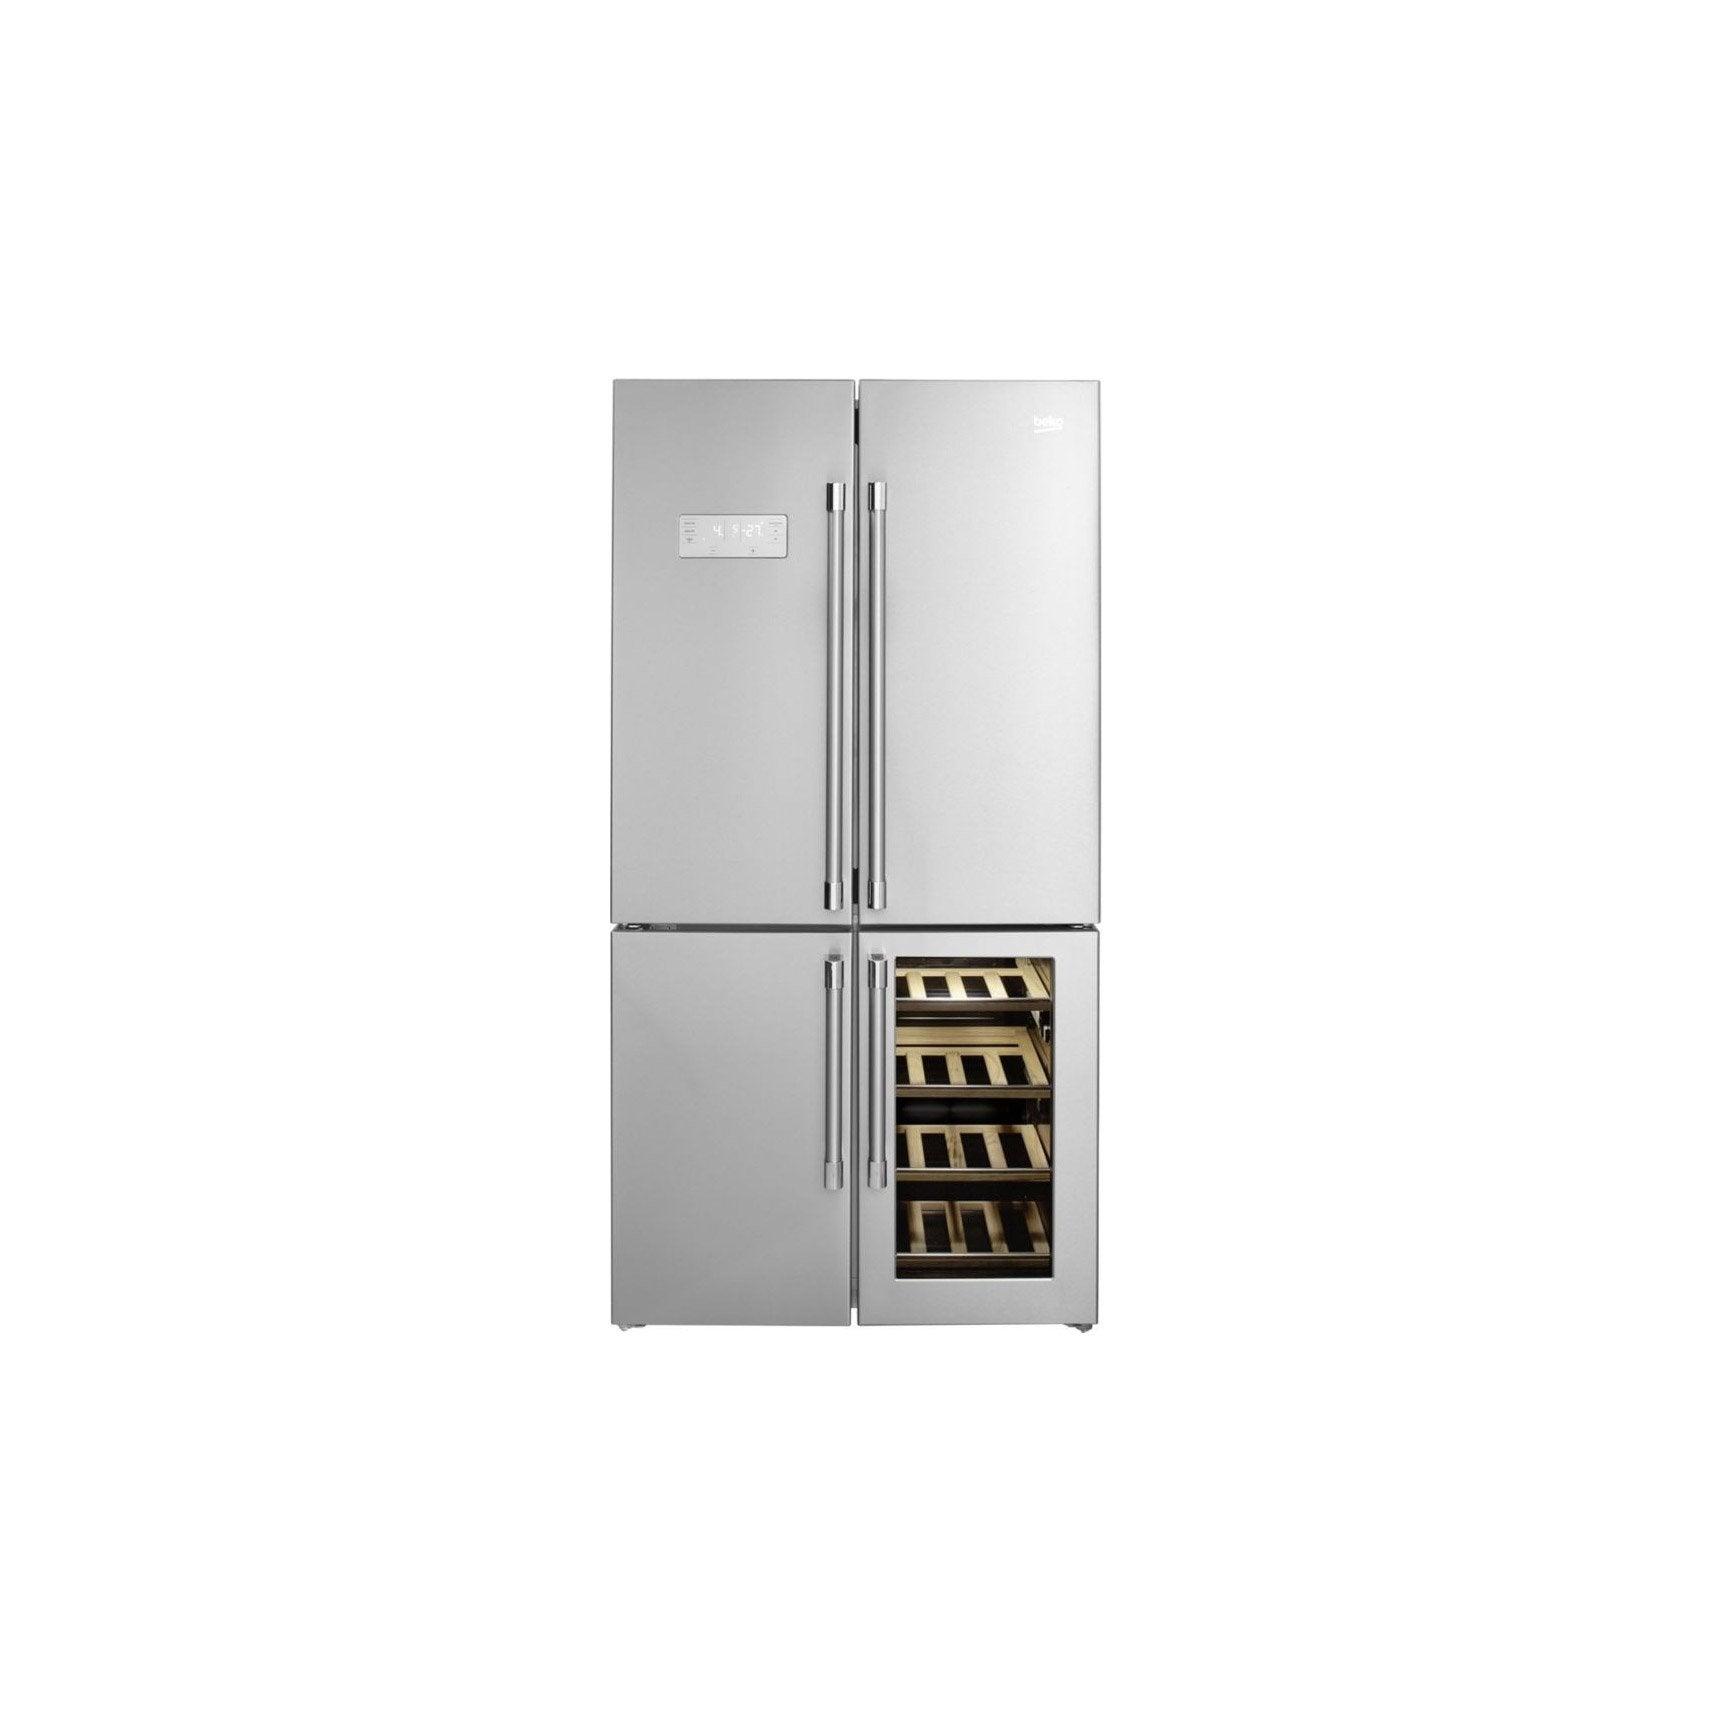 Indesit Compatible Réfrigérateur Frigo Charnière Porte X 2 Réfrigérateurs, Congélateurs Autres